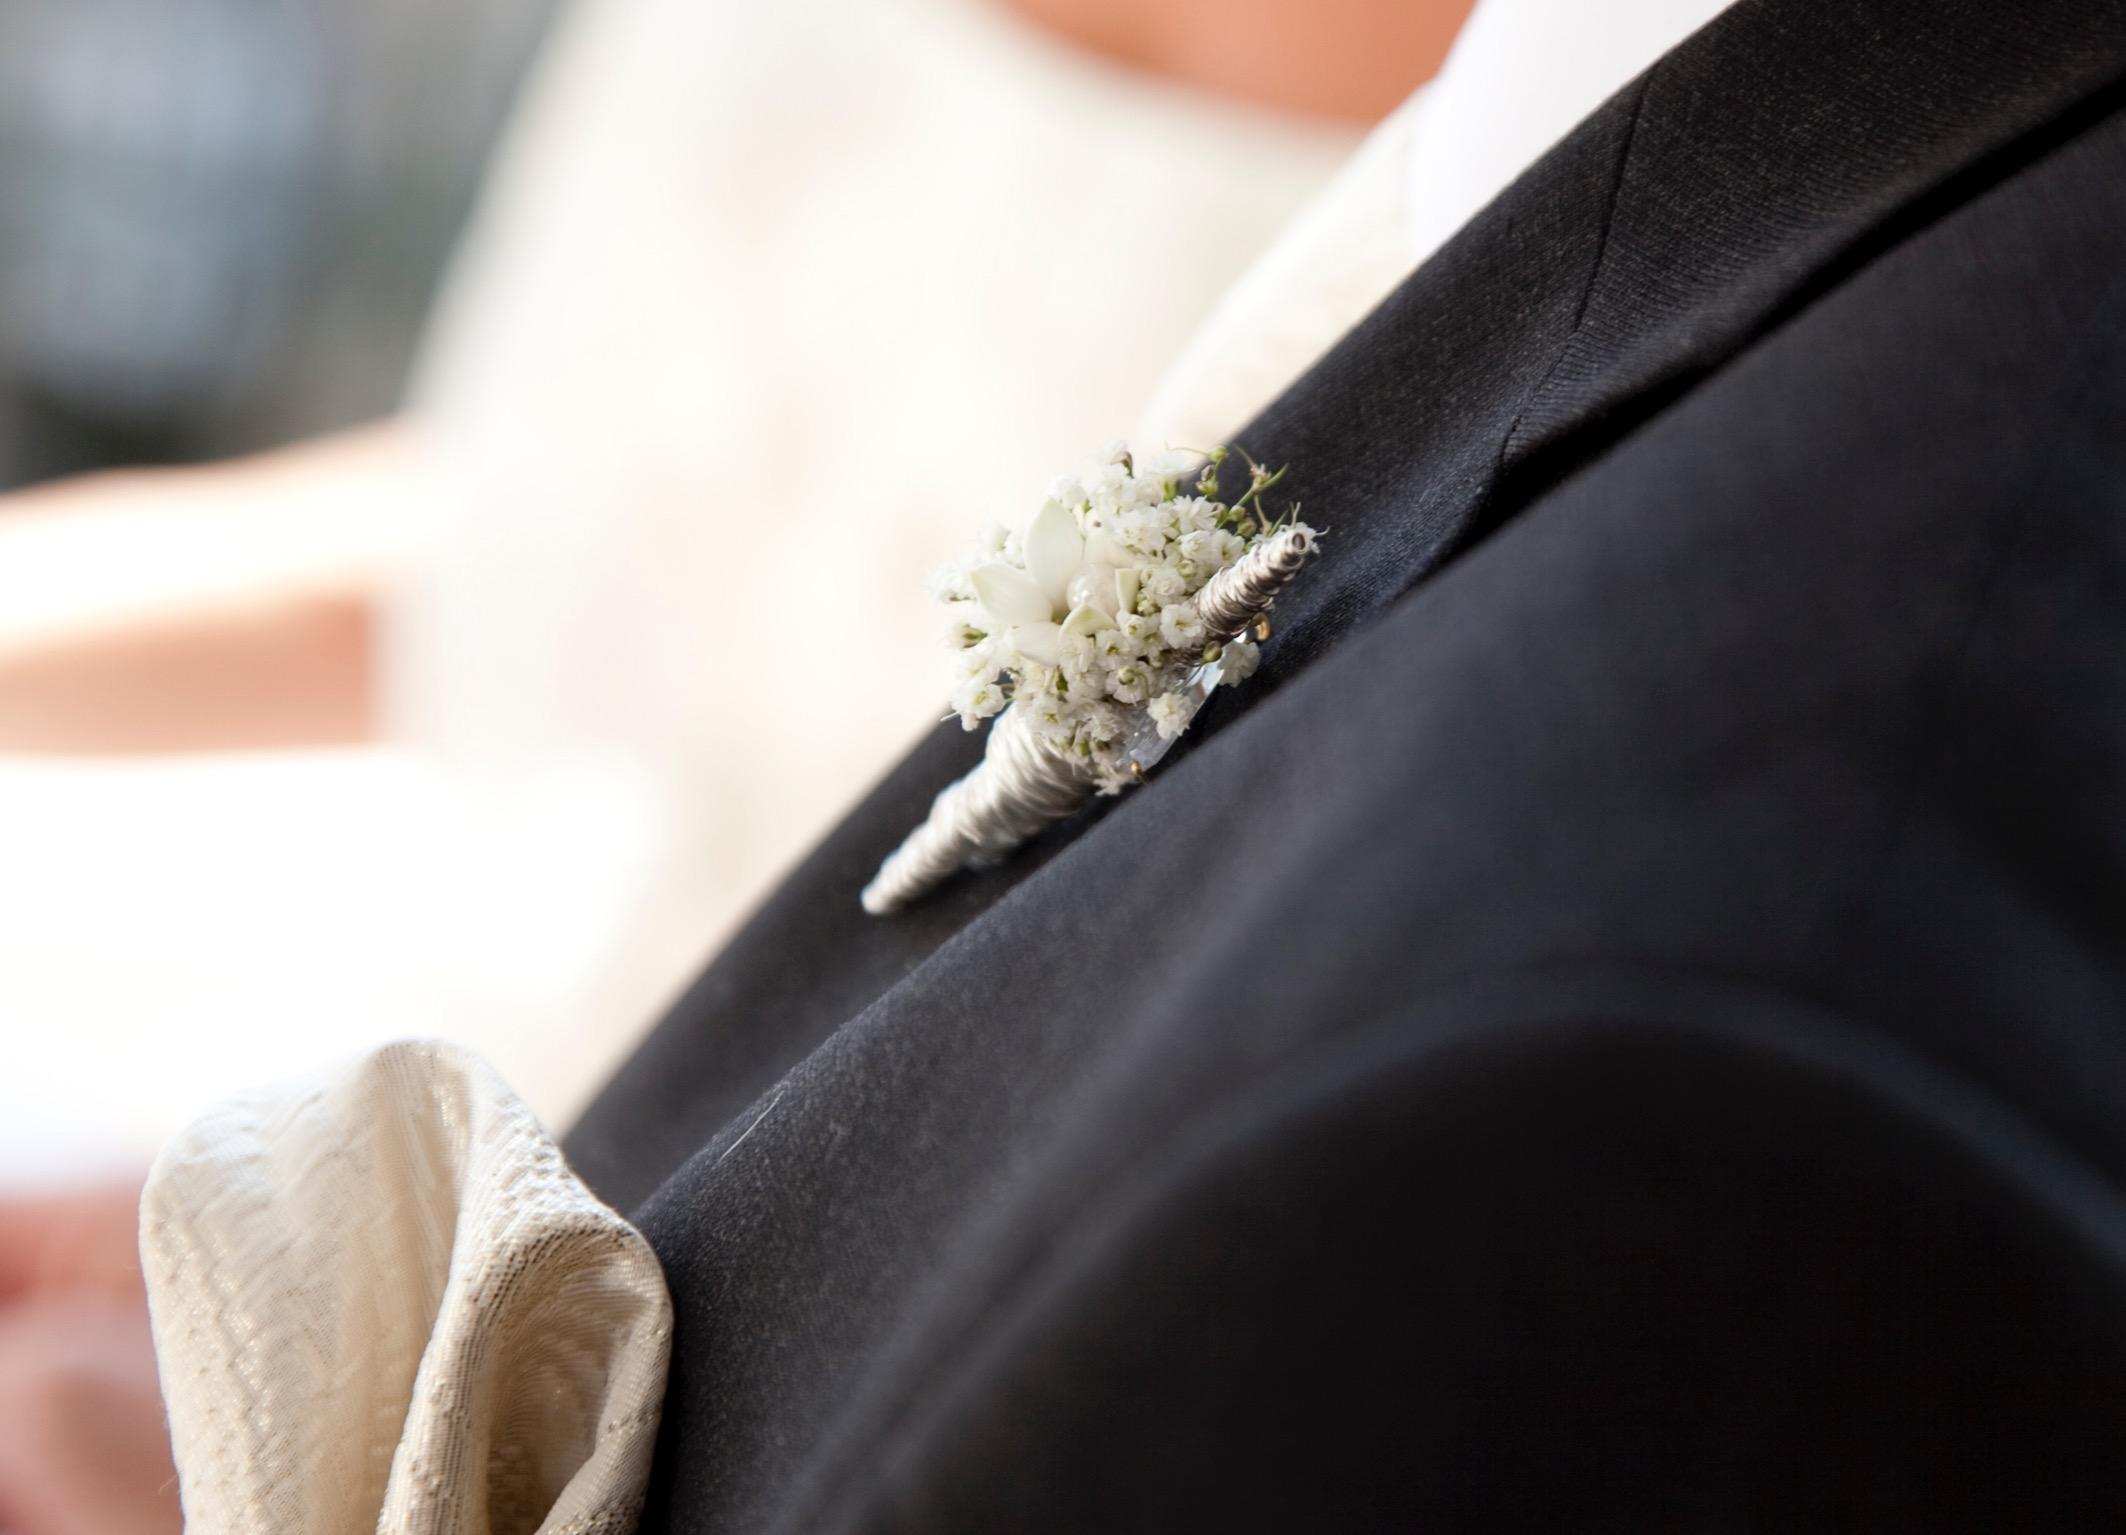 Hochzeitsfloristik Antecker des Braeutigams kleiner Anstecker für das Sakko bestehend aus weissen Blumen